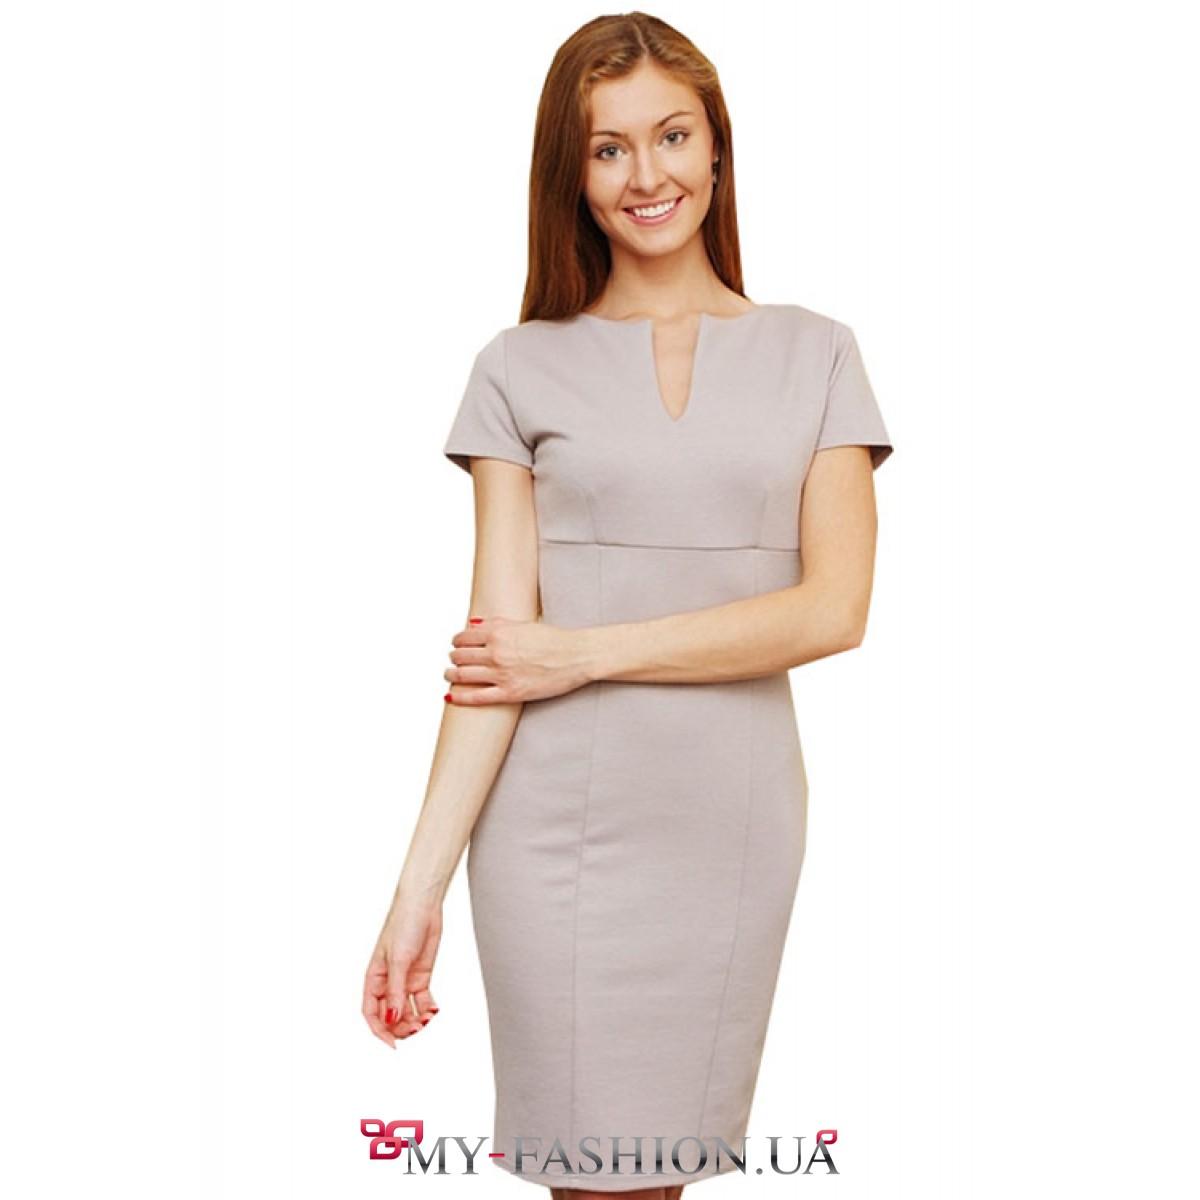 Платье трикотаж с коротким рукавом